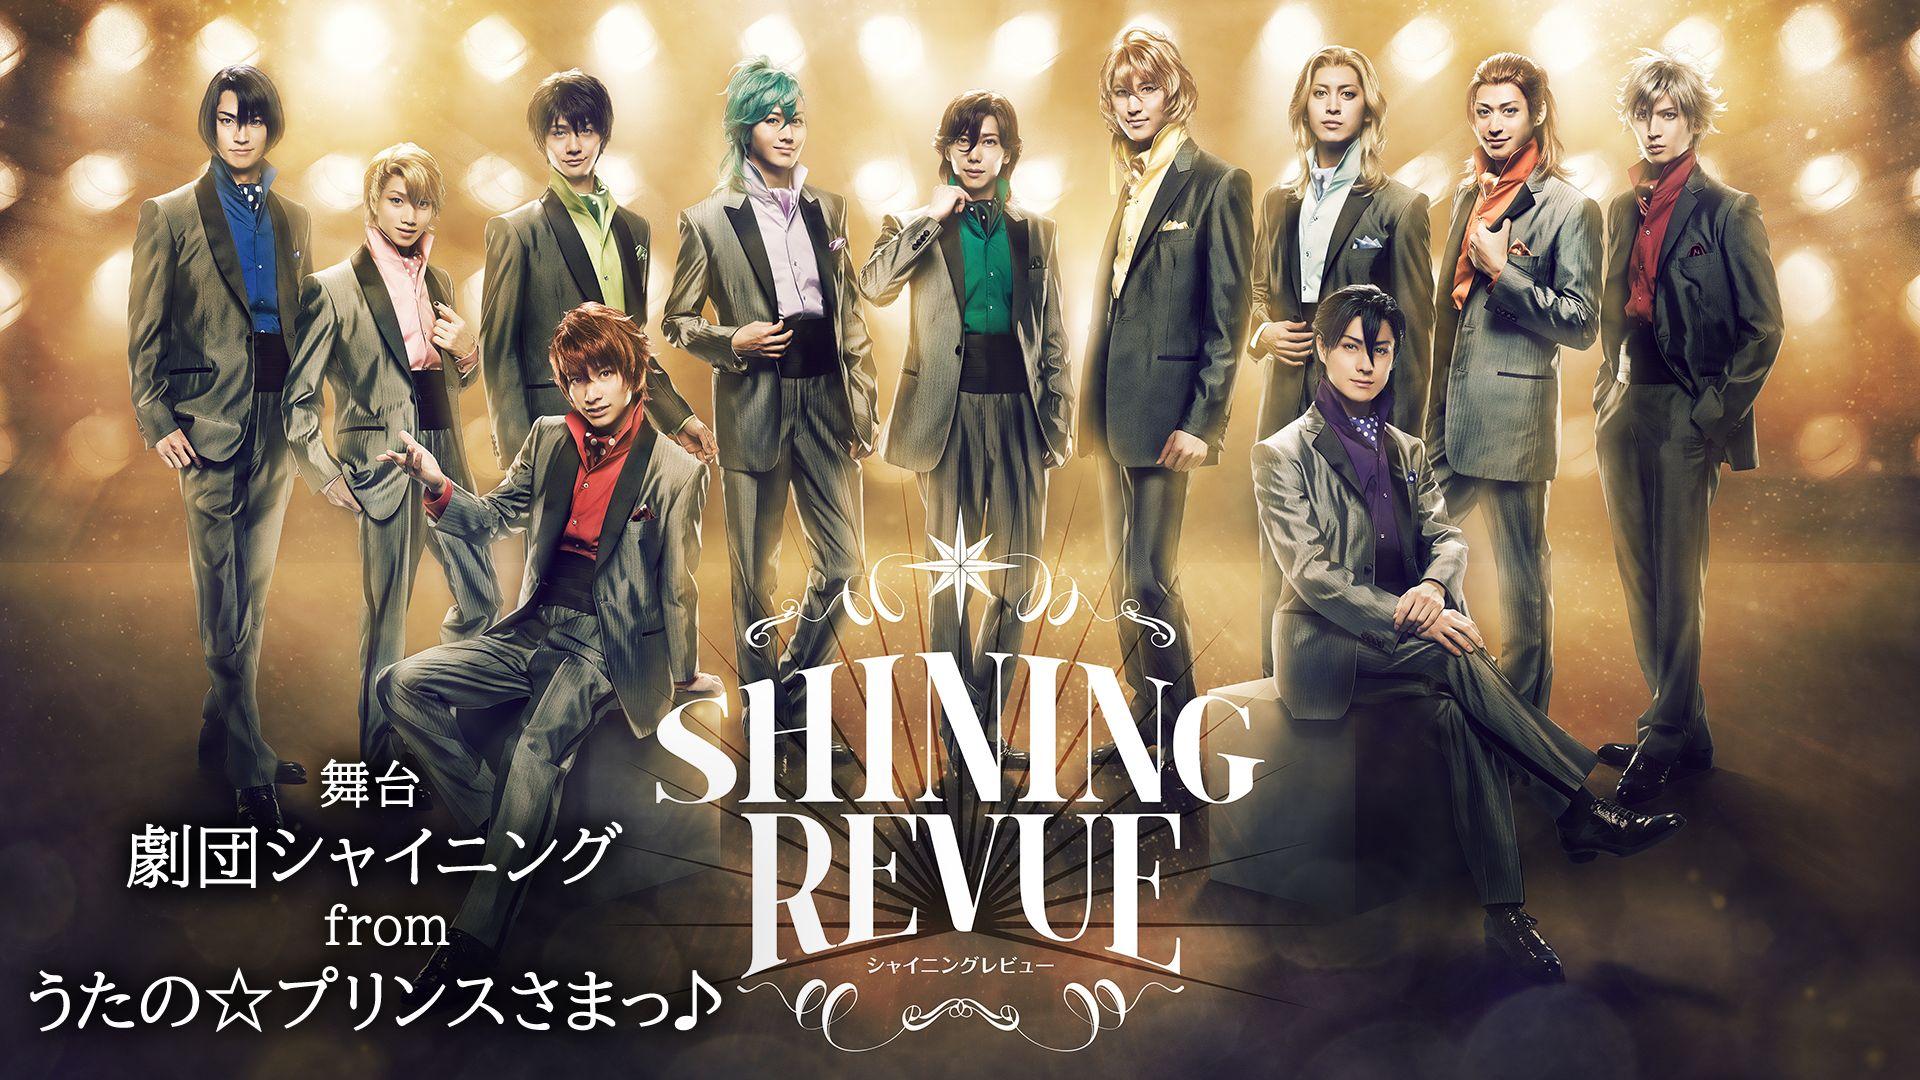 舞台「劇団シャイニング from うたの☆プリンスさまっ♪『SHINING REVUE』」